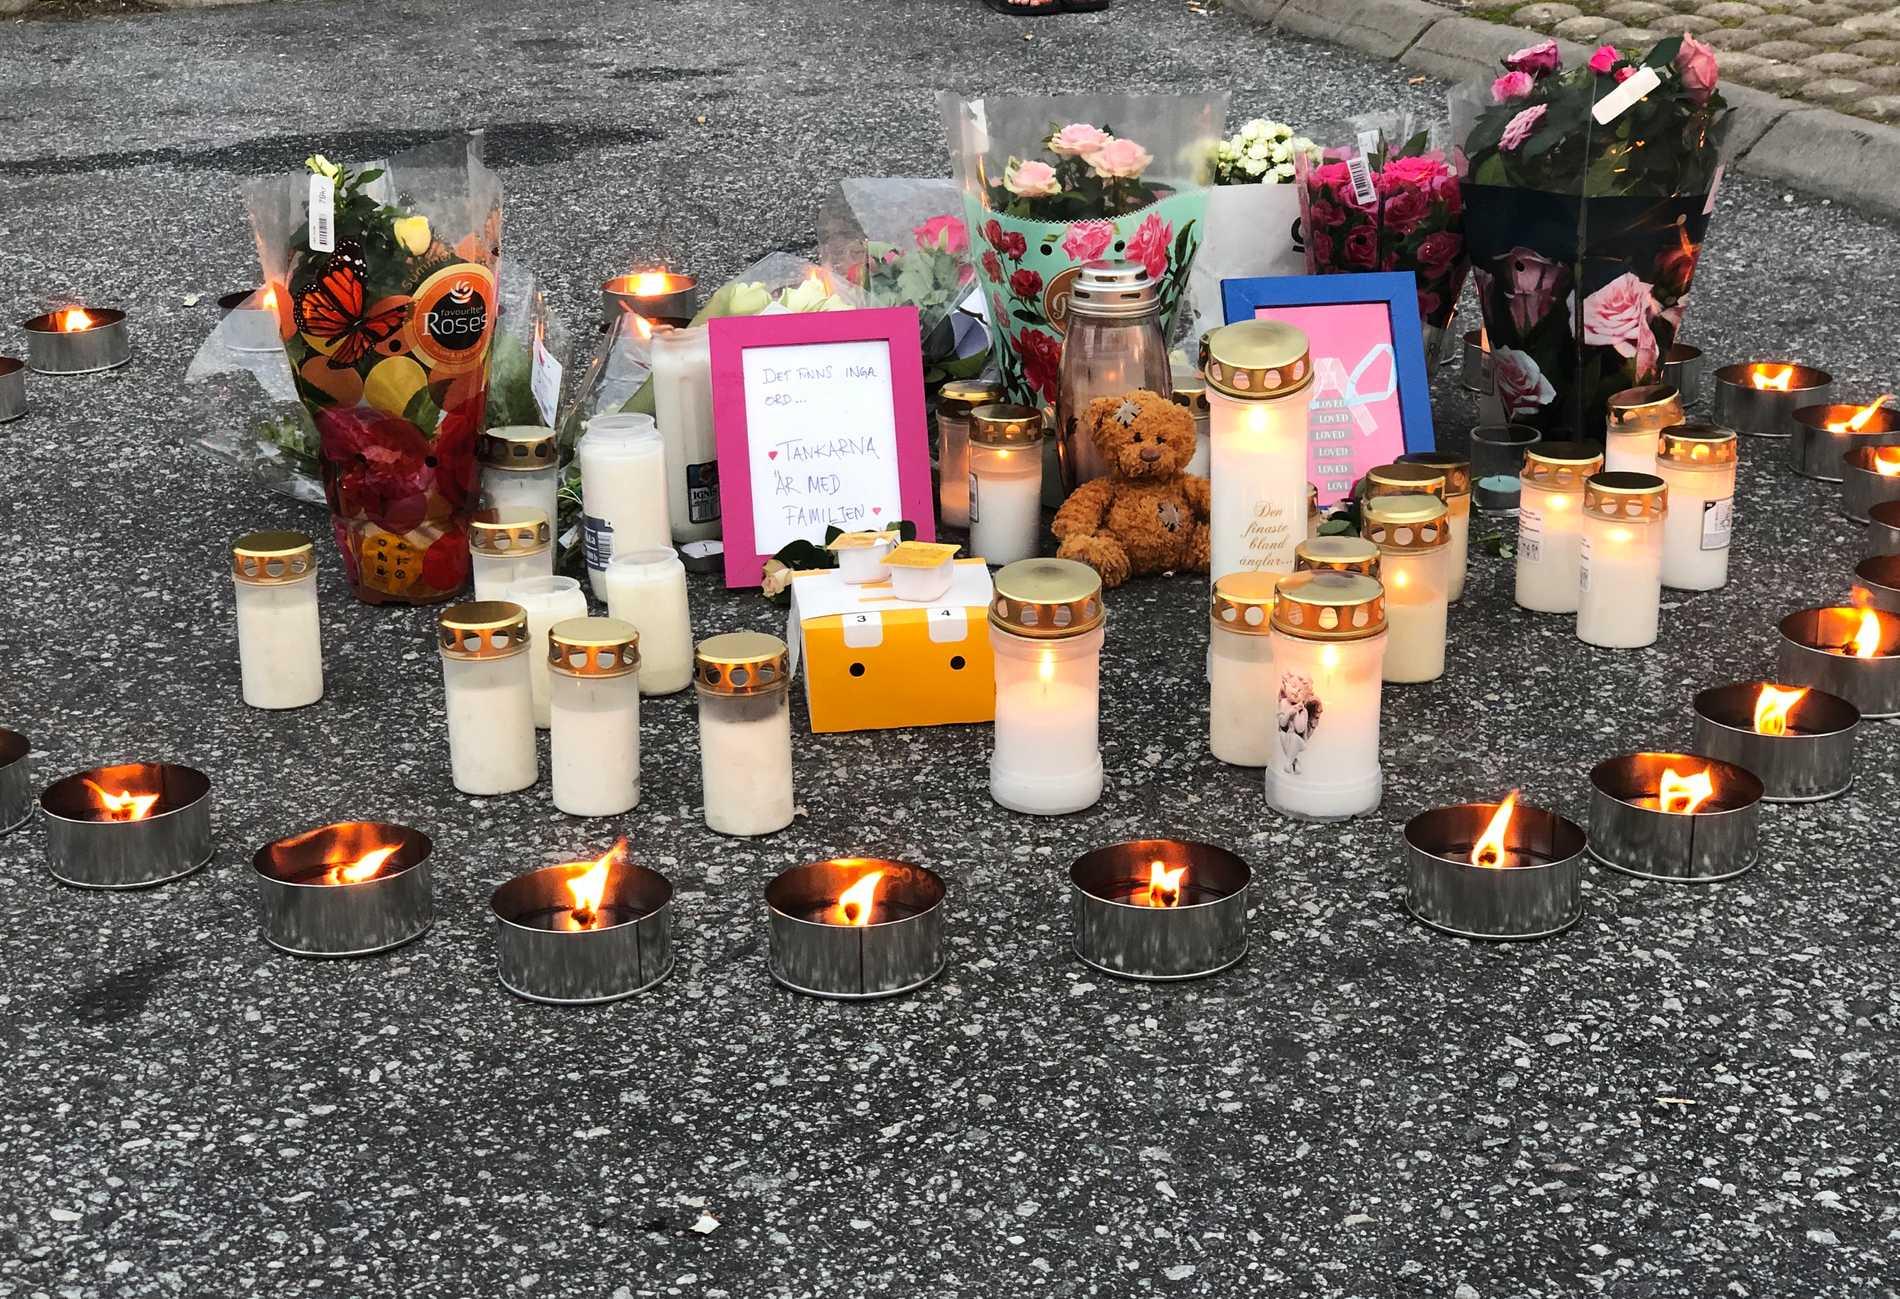 Flera personer har lagt blommor och ljus på platsen där den 12-åriga flickan sköts.